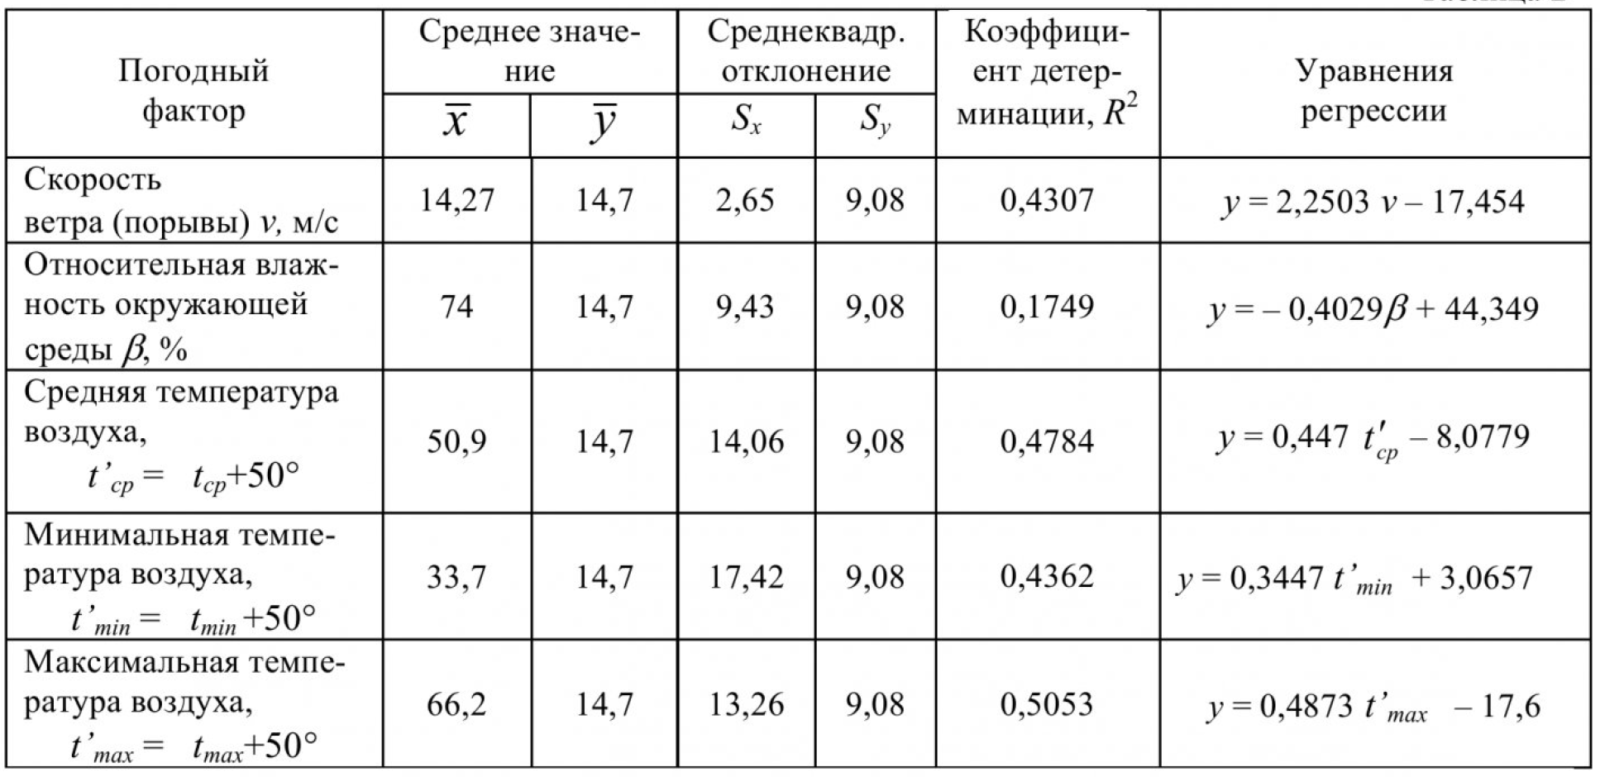 Влияние погодно-климатических факторов на эксплуатационную надежность распределительных сетей угольных разрезов 4